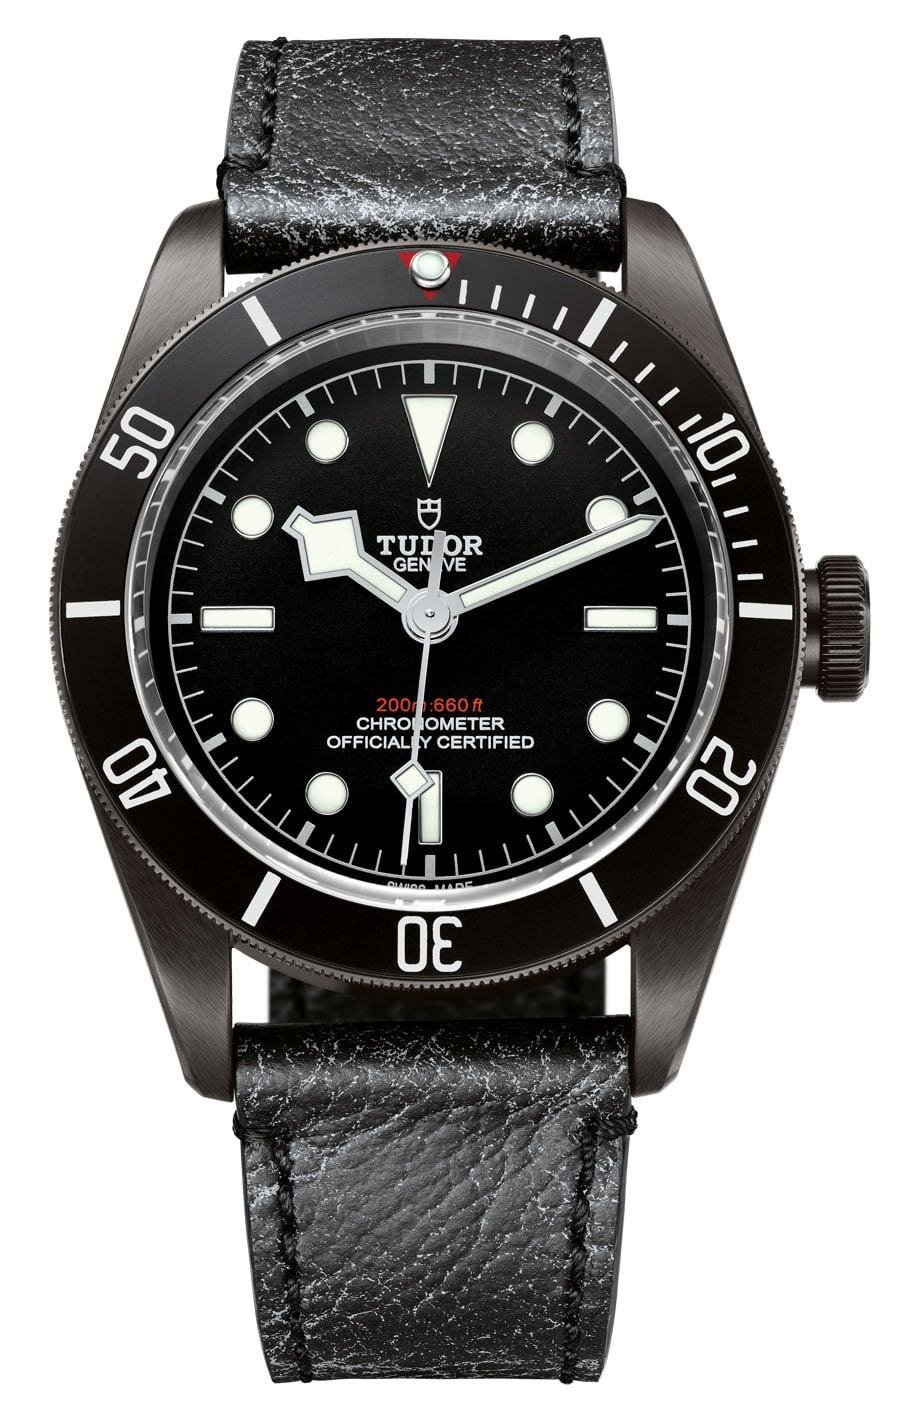 Uhren-Ikonen und ihre Alternativen: Die Tudor Heritage Black Bay Dark